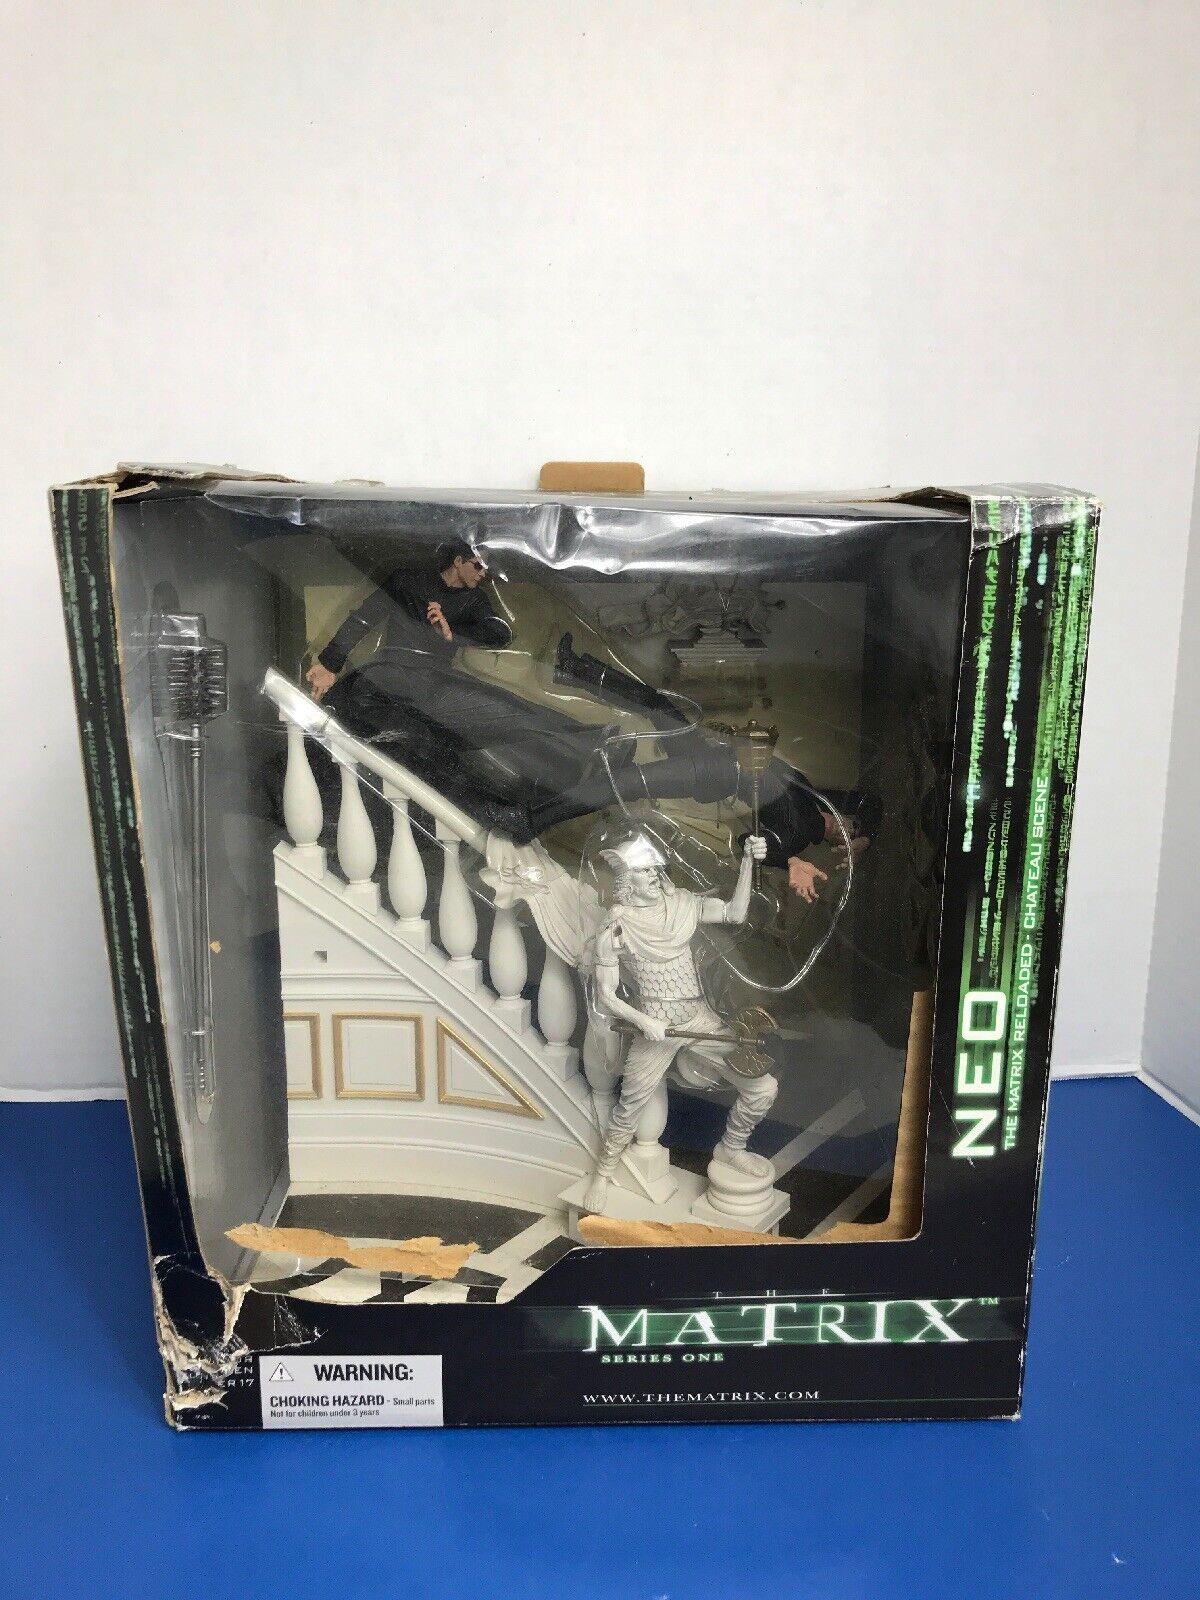 McFarlane giocattoli Matrix Series 1  Deluxe scatolaed set Neo Chateau Scene azione cifra  edizione limitata